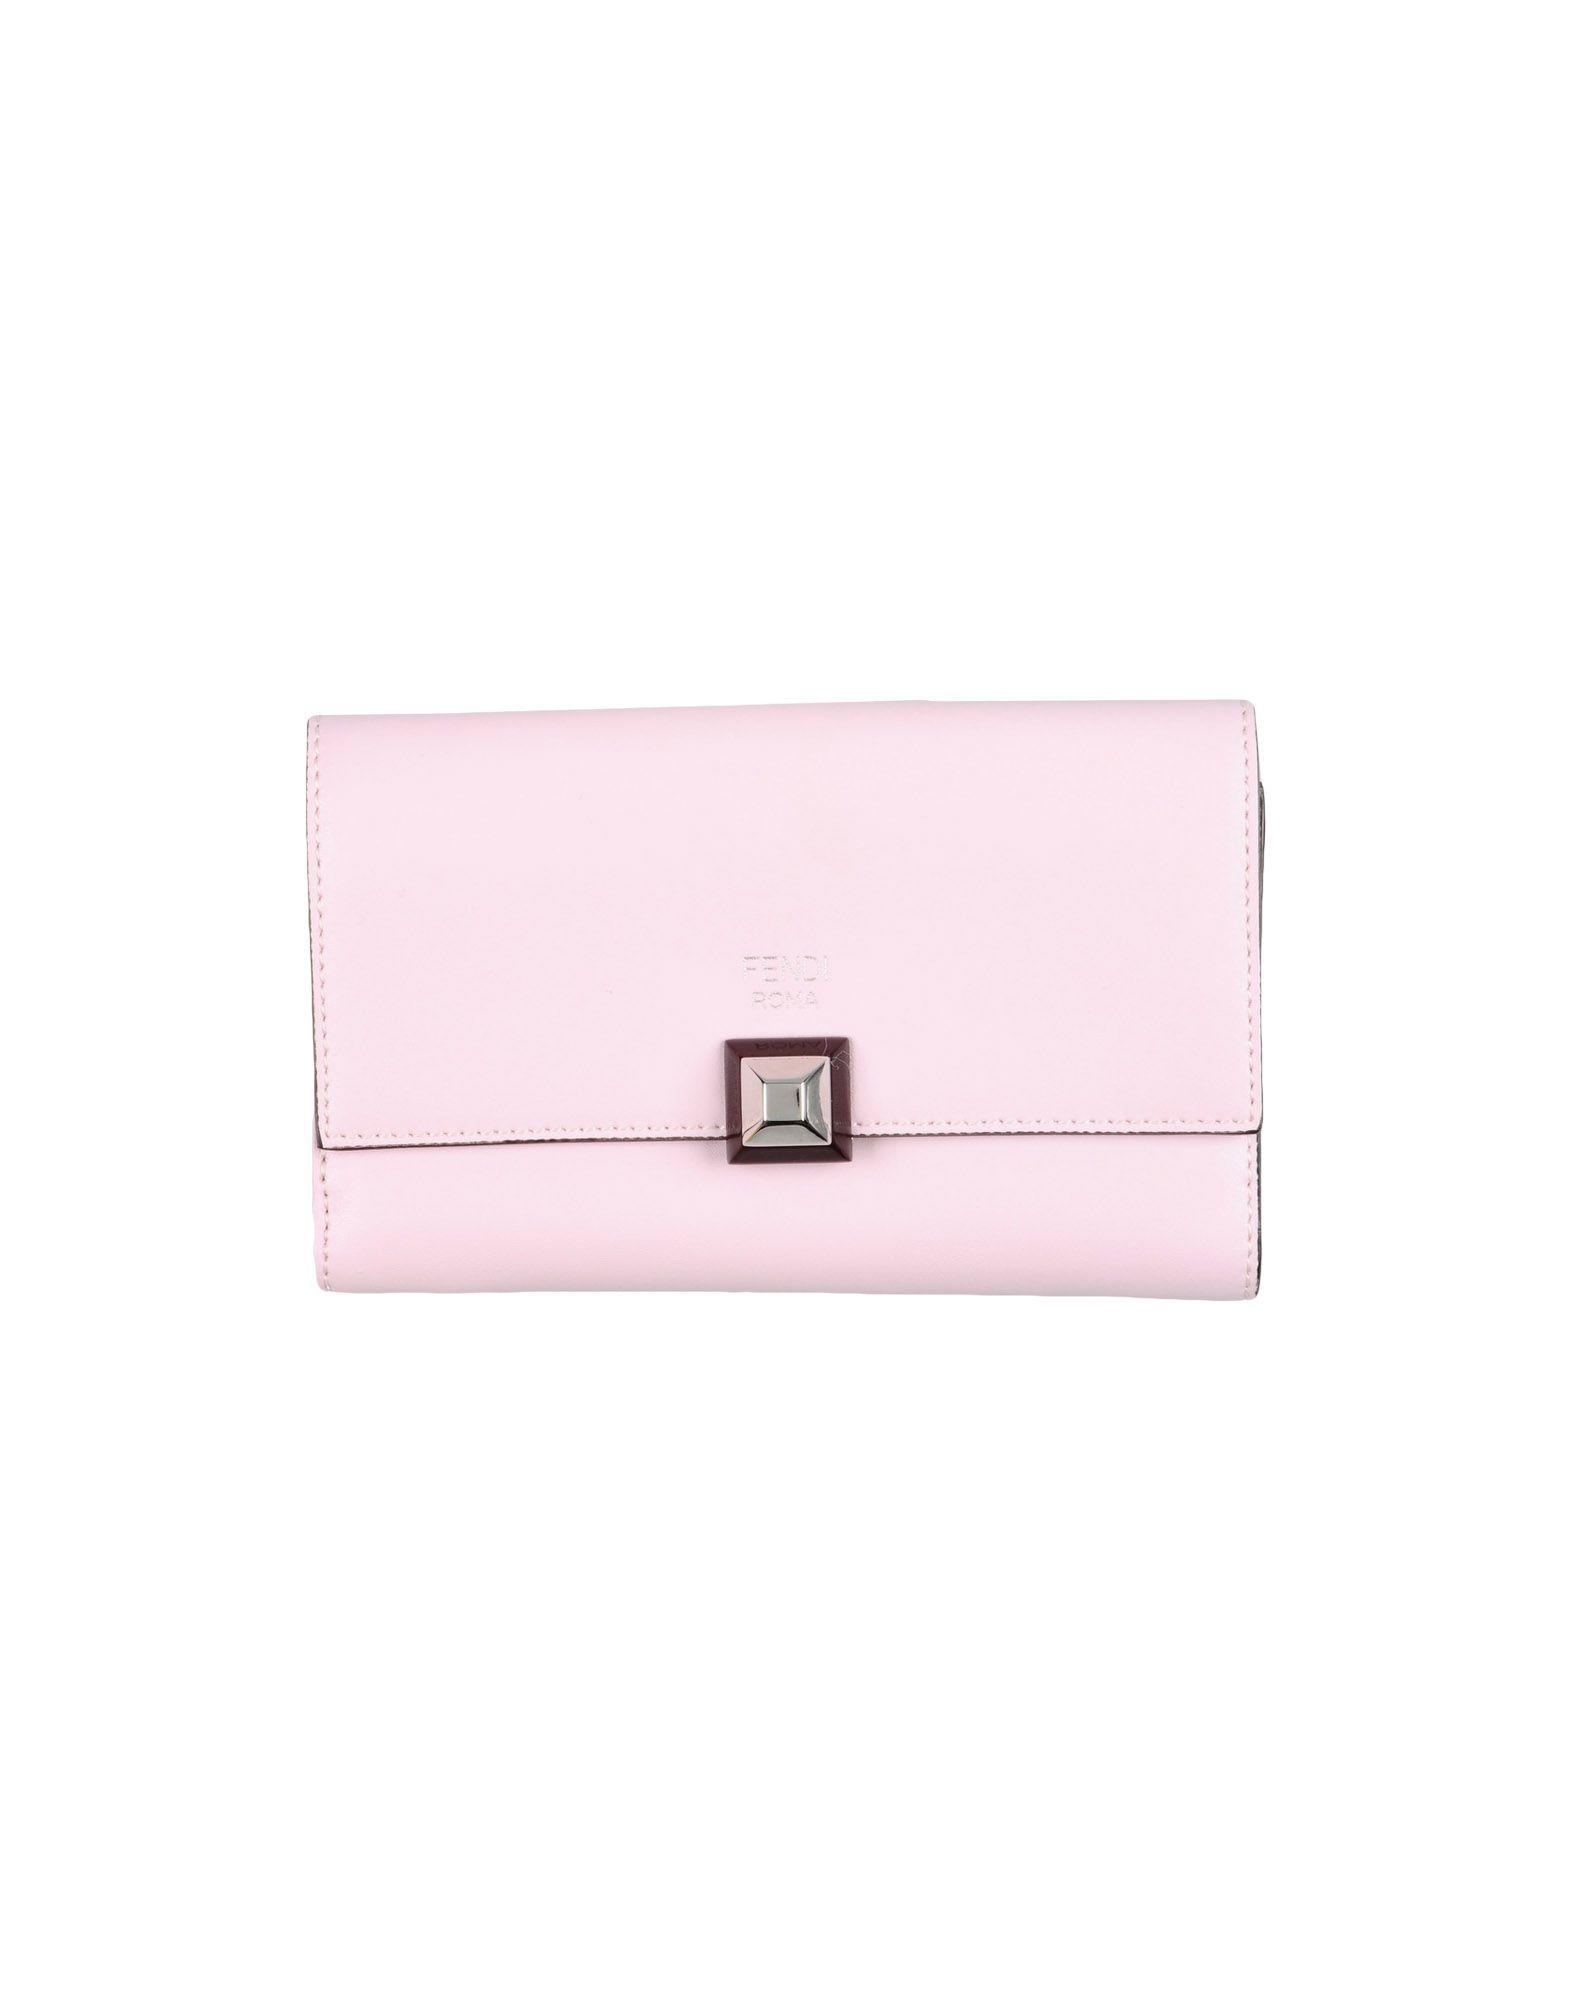 レディース フェンディ 財布 ピンク